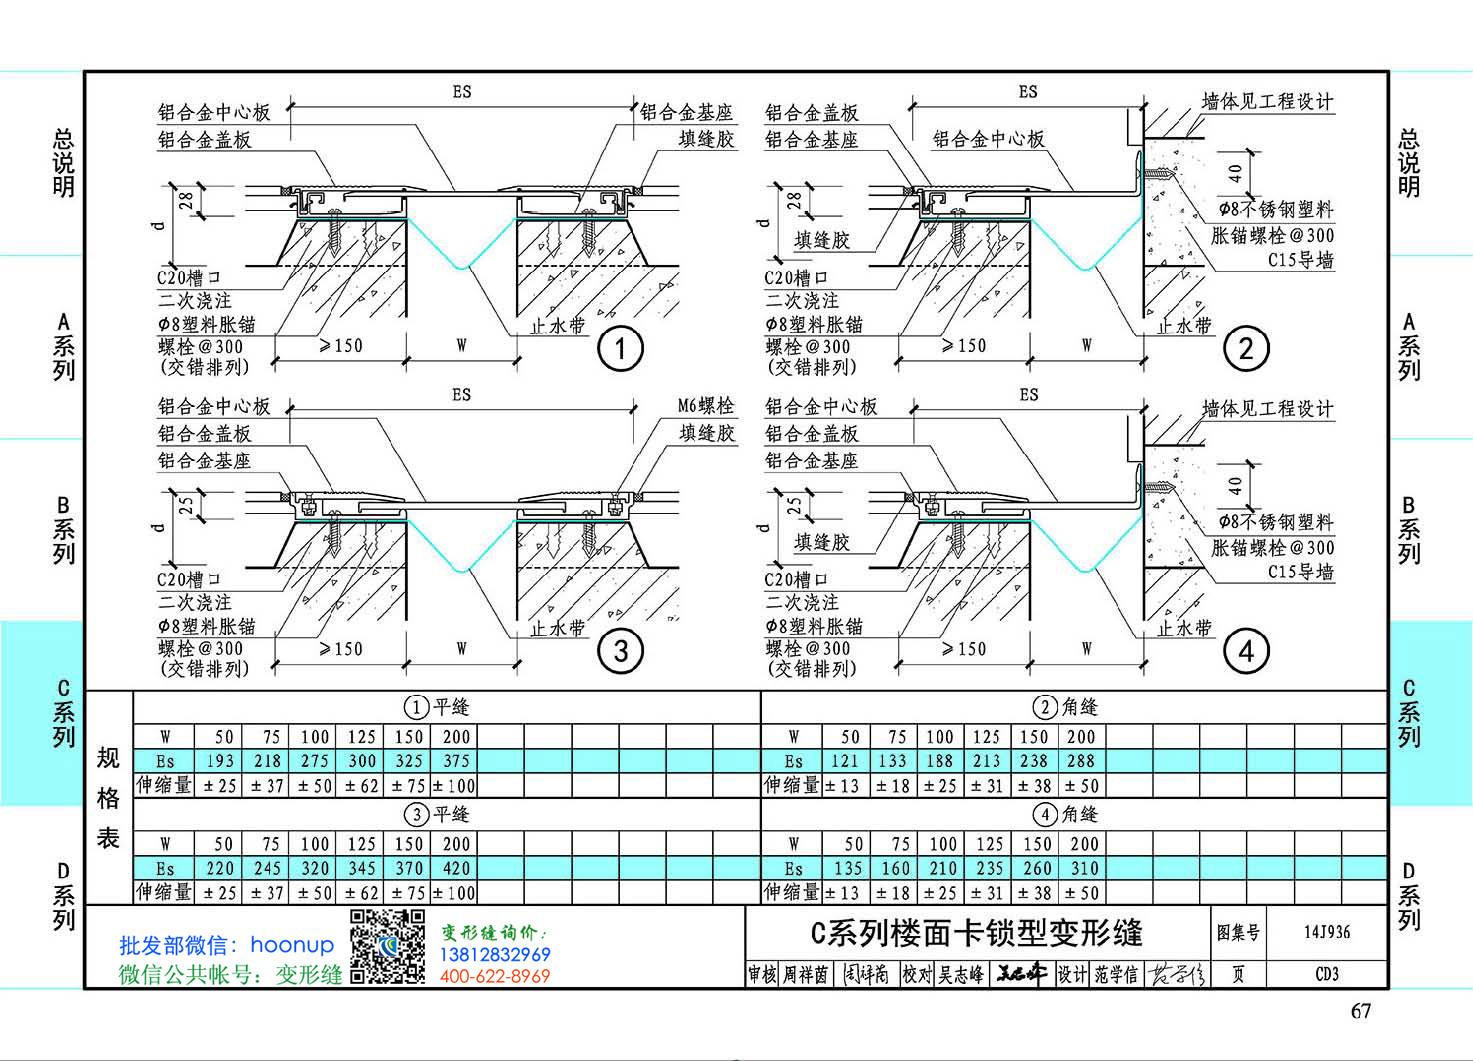 变形缝图集14J936CD3-C系列楼面卡锁型变形缝